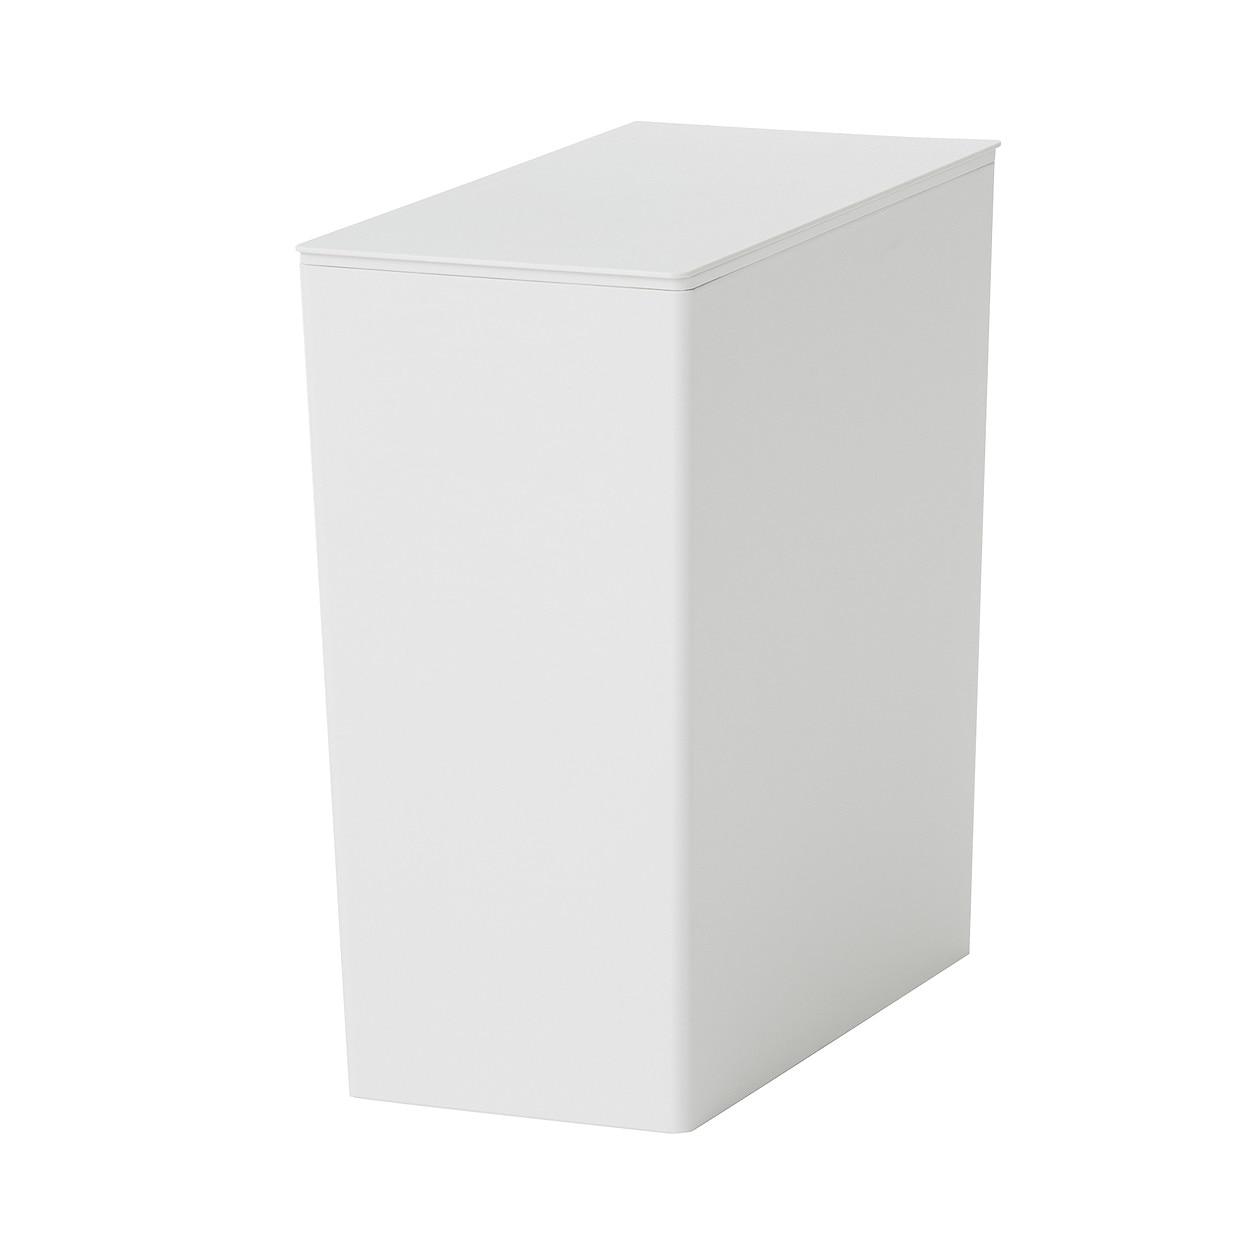 ポリプロピレンごみ箱・角型・袋止め付/大(約11L)